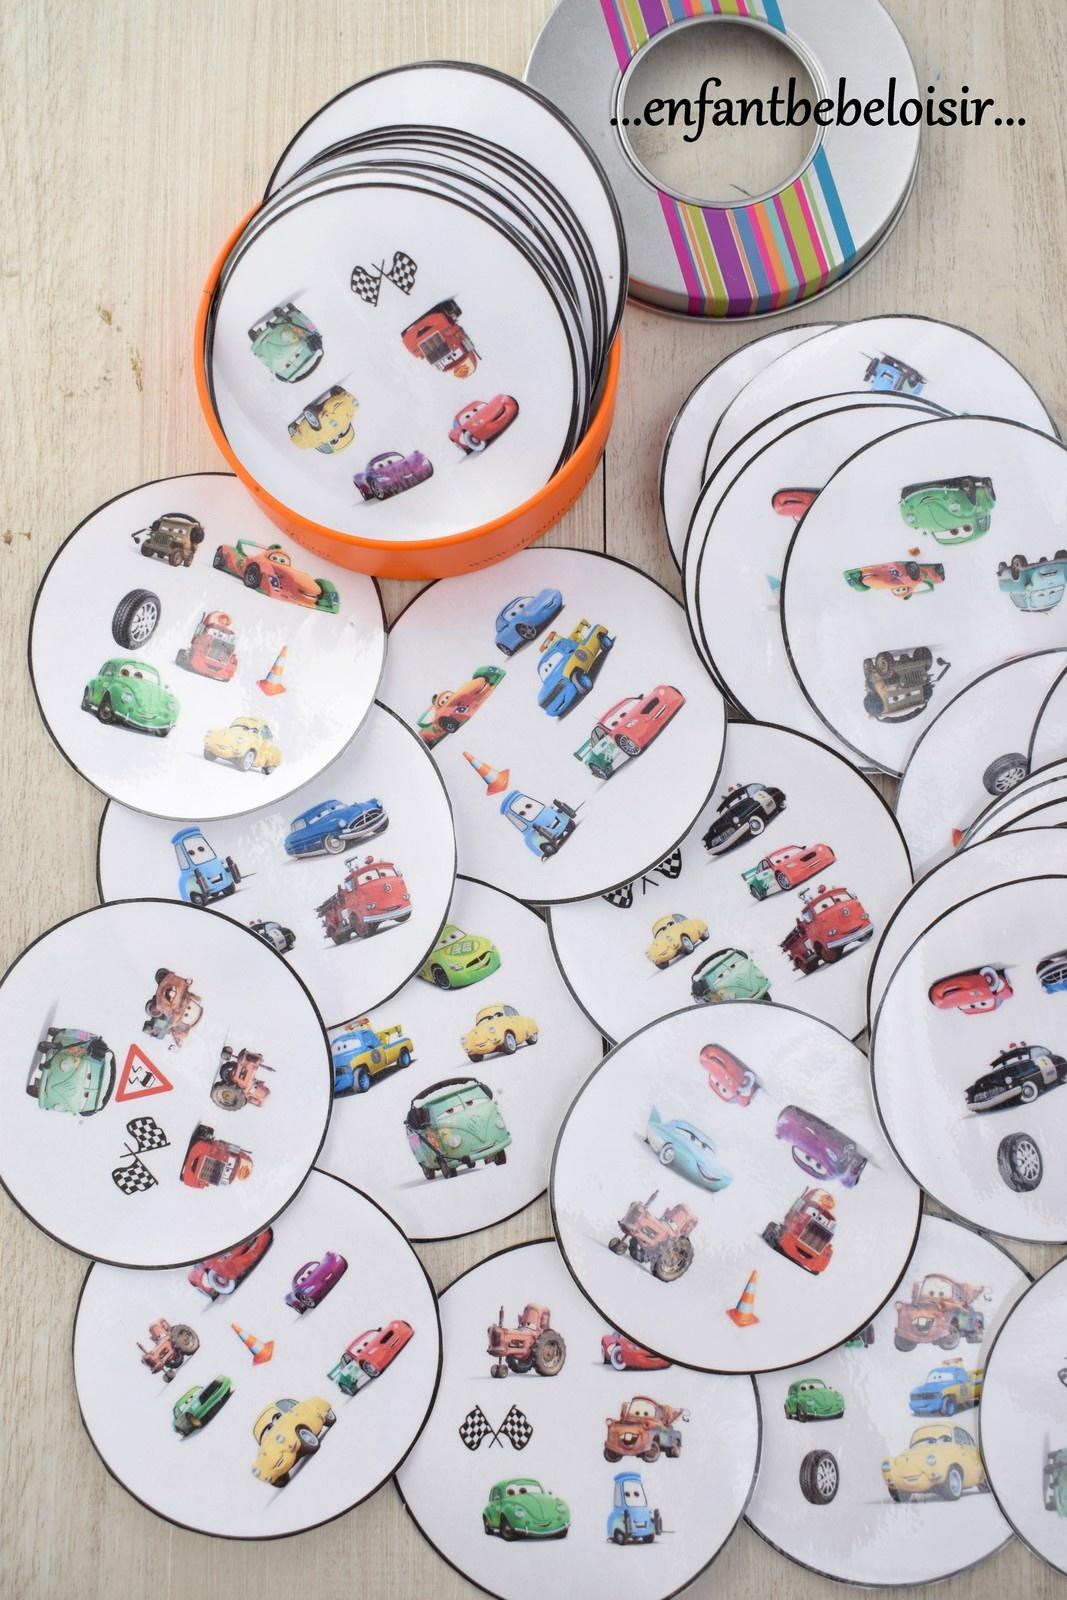 Jeu Dobble Cars Pixar À Imprimer - Gratuit - Enfant Bébé Loisir intérieur Jeux À Imprimer 6 Ans